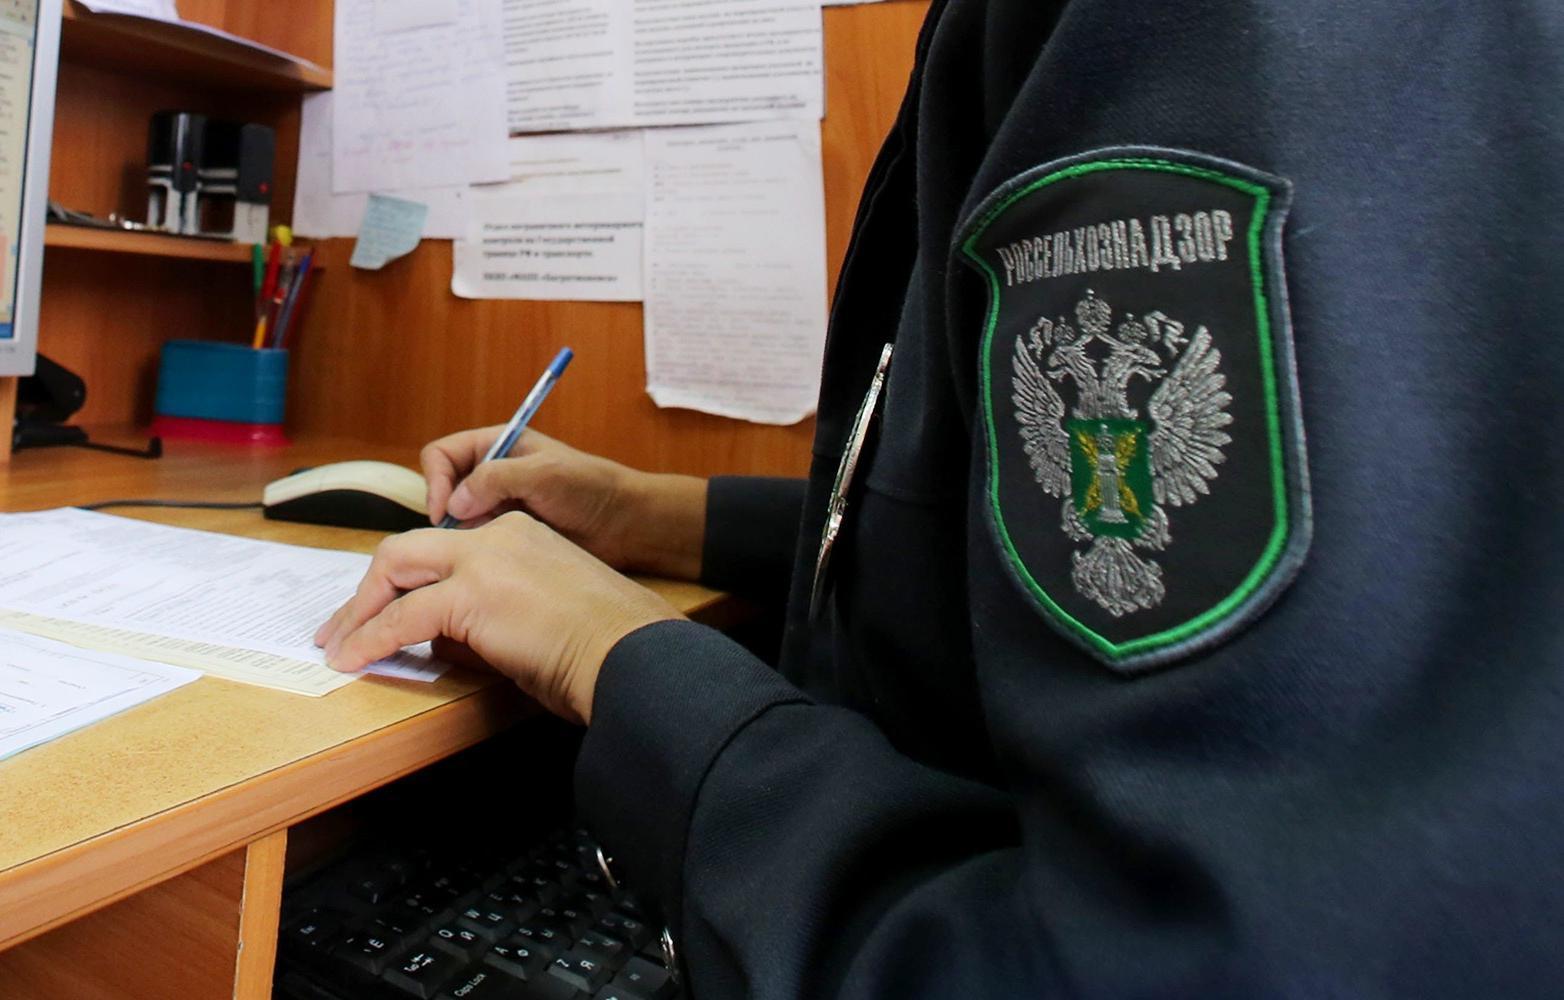 В Тверской области оштрафован хозяин собаки, которая покусала человека - новости Афанасий